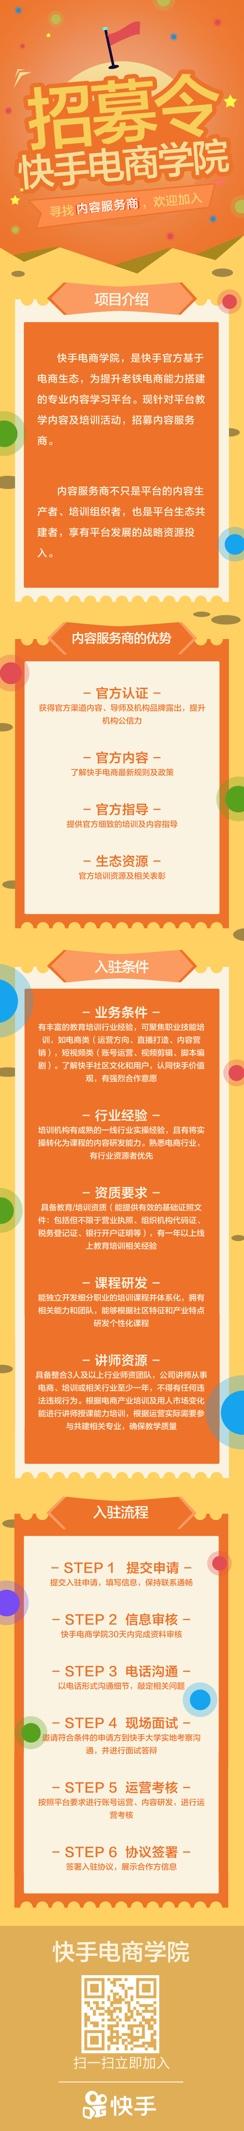 快手电商学院内容服务商招募长图.jpg